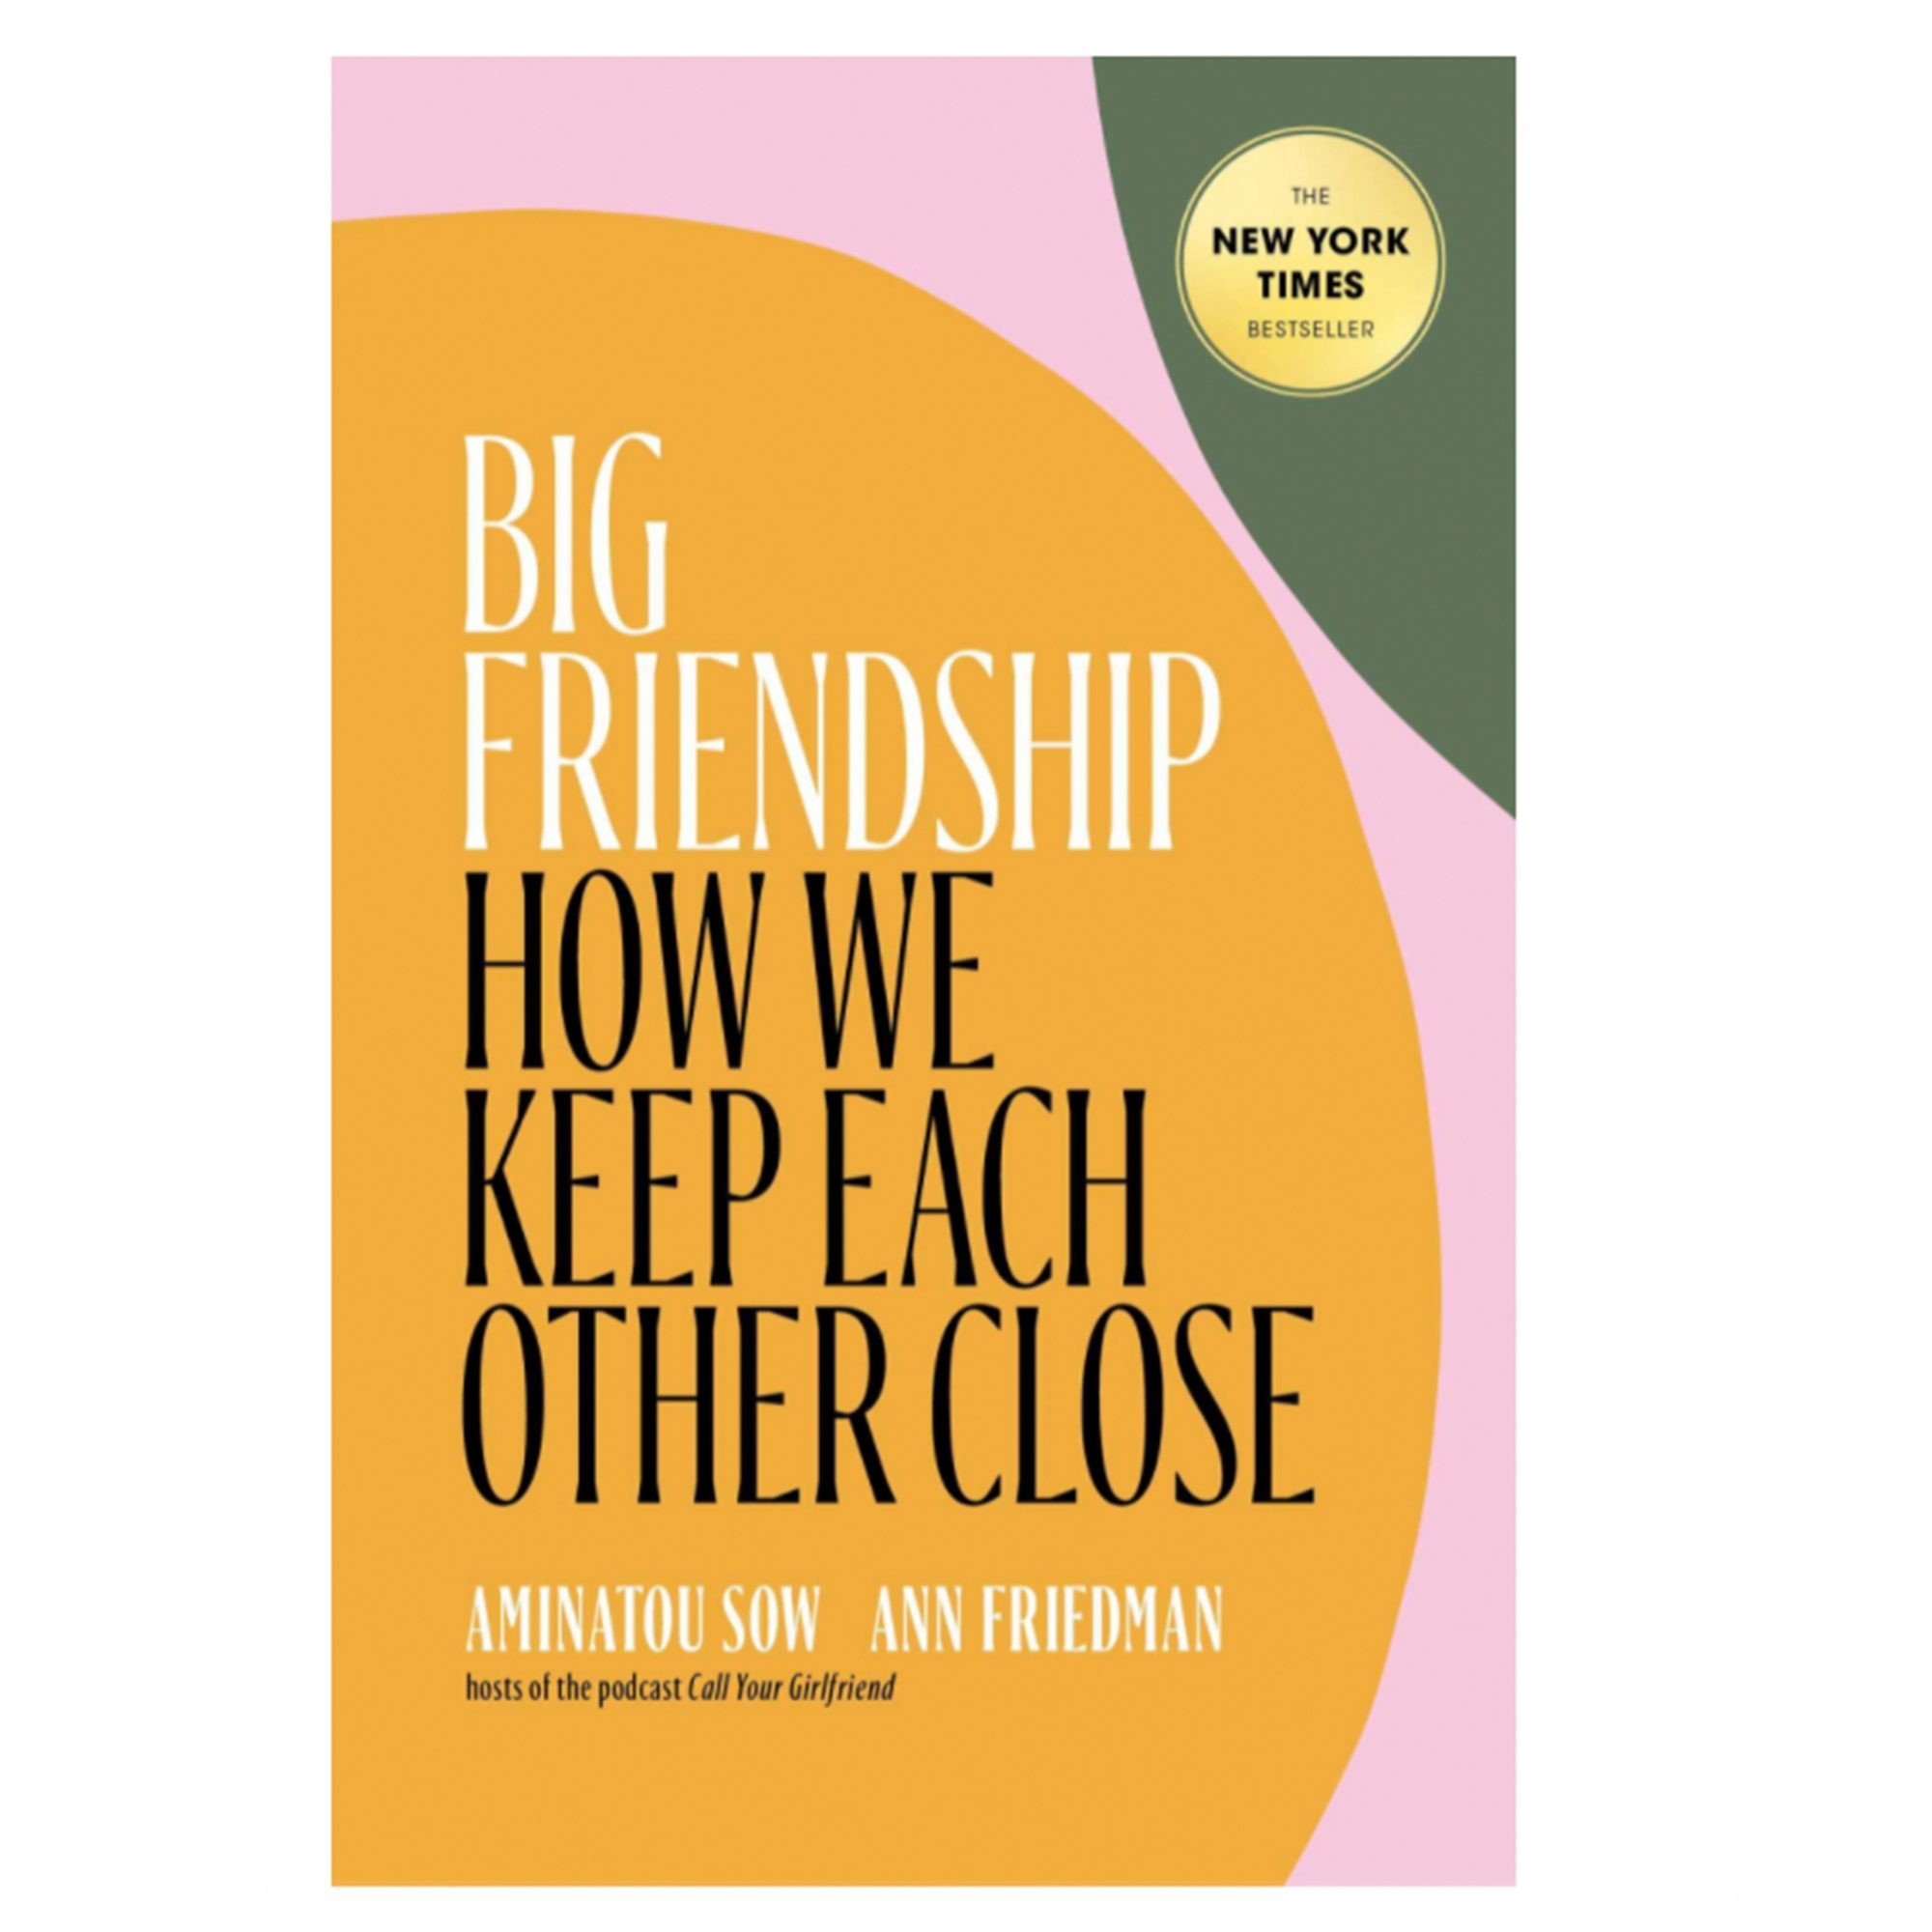 amazon-friendship-book, best-friend-gift-ideas